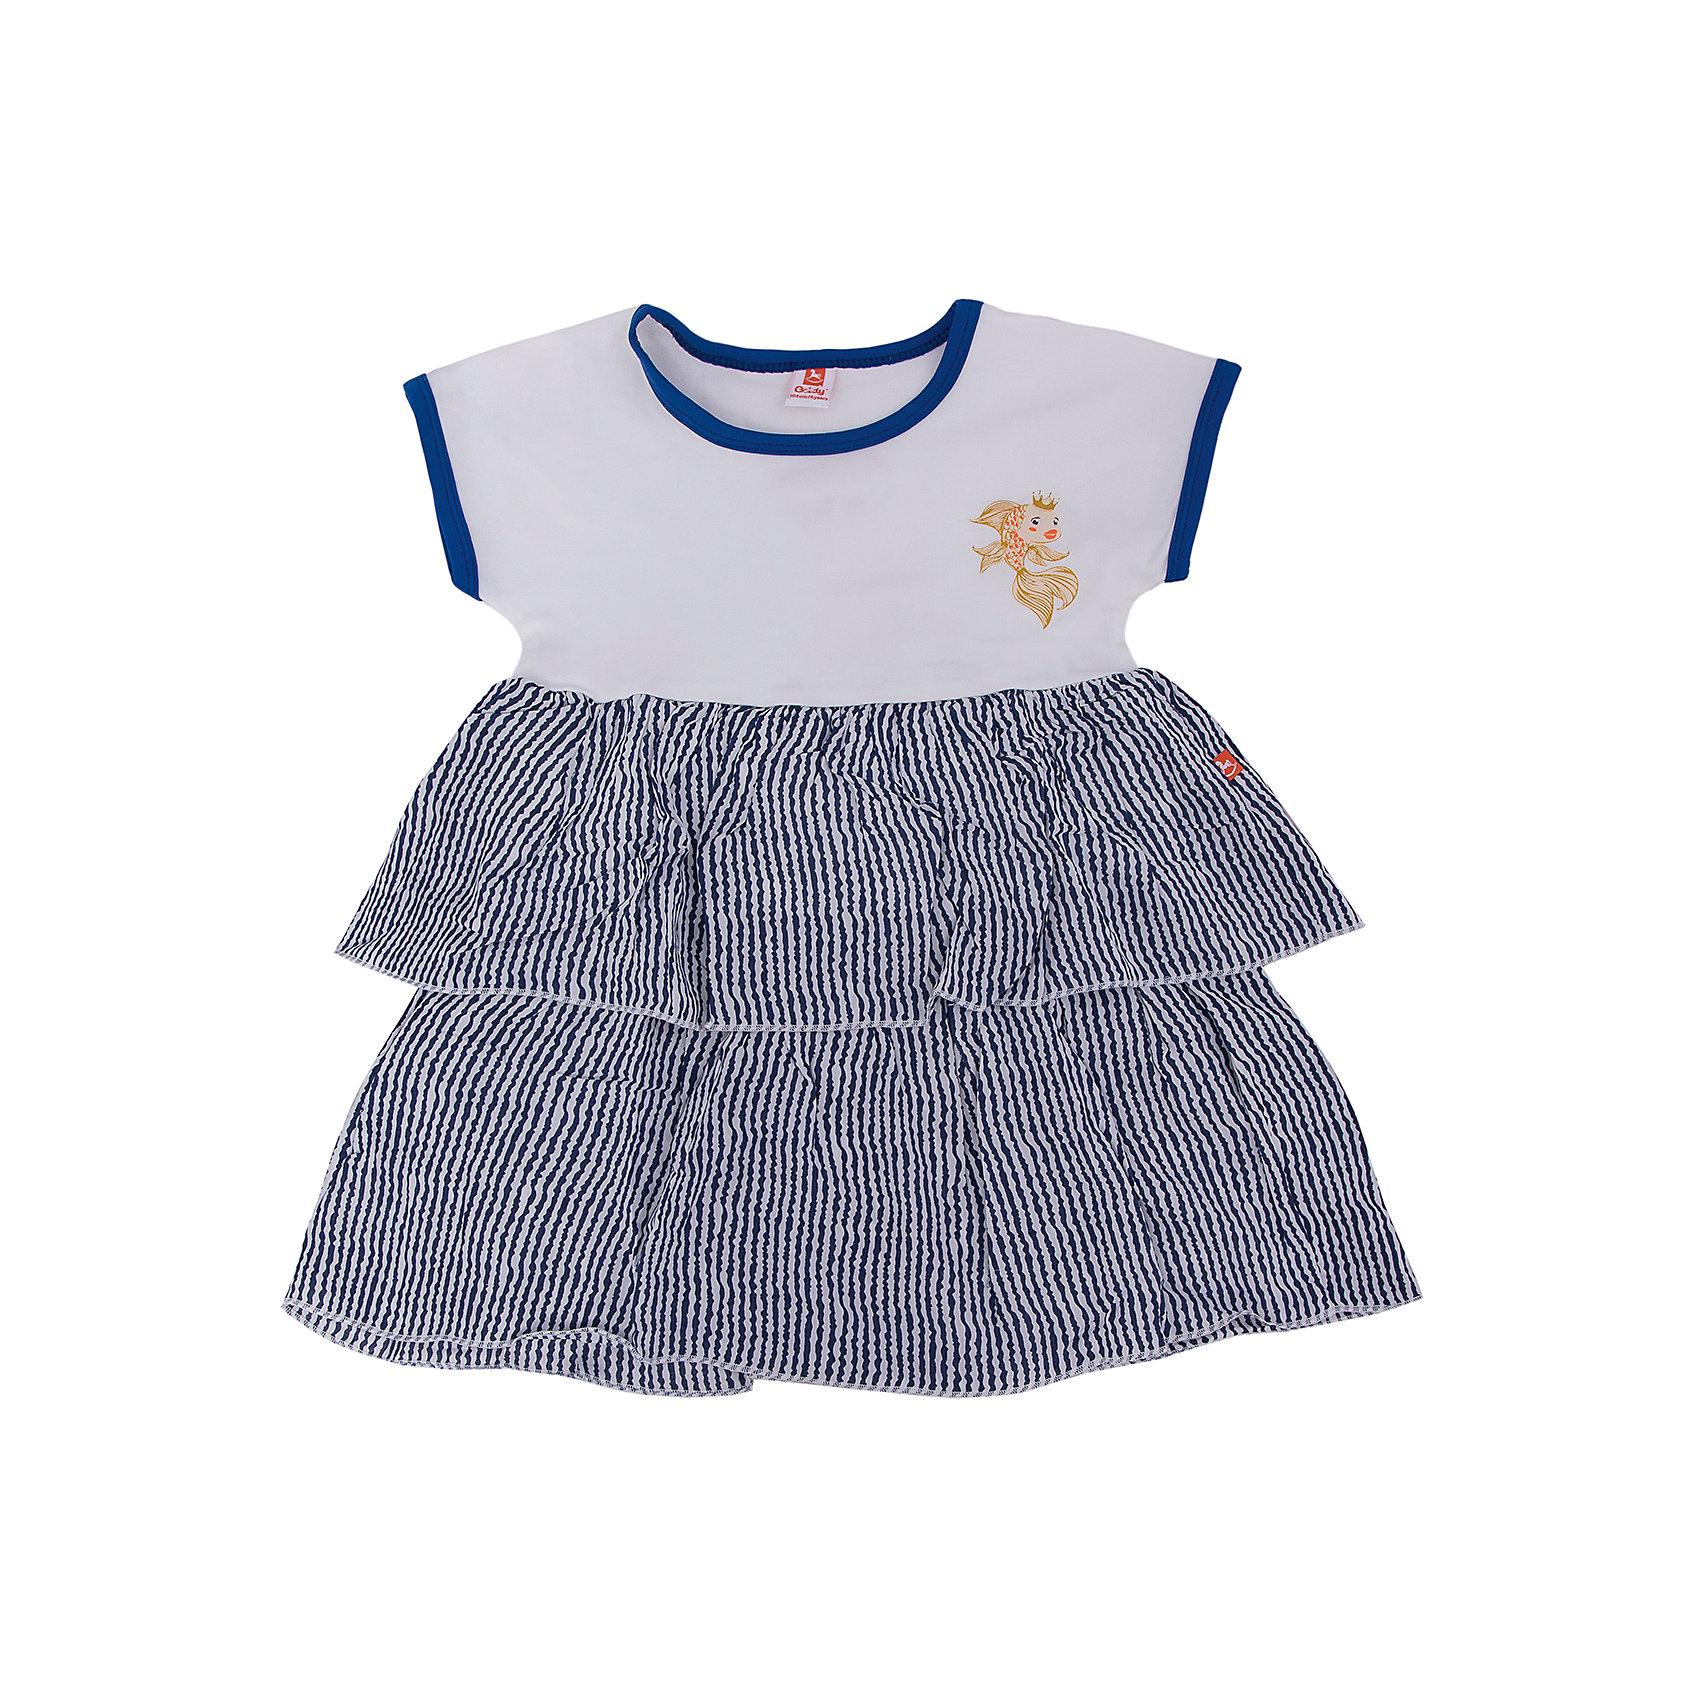 Платье  для девочки GoldyПлатья и сарафаны<br>Платье  для девочки от известного бренда Goldy<br>Состав:<br>супрем (96%хлопок, 4%лайкра)<br><br>Ширина мм: 236<br>Глубина мм: 16<br>Высота мм: 184<br>Вес г: 177<br>Цвет: разноцветный<br>Возраст от месяцев: 24<br>Возраст до месяцев: 36<br>Пол: Женский<br>Возраст: Детский<br>Размер: 98,104,110,116,122,92<br>SKU: 4757659